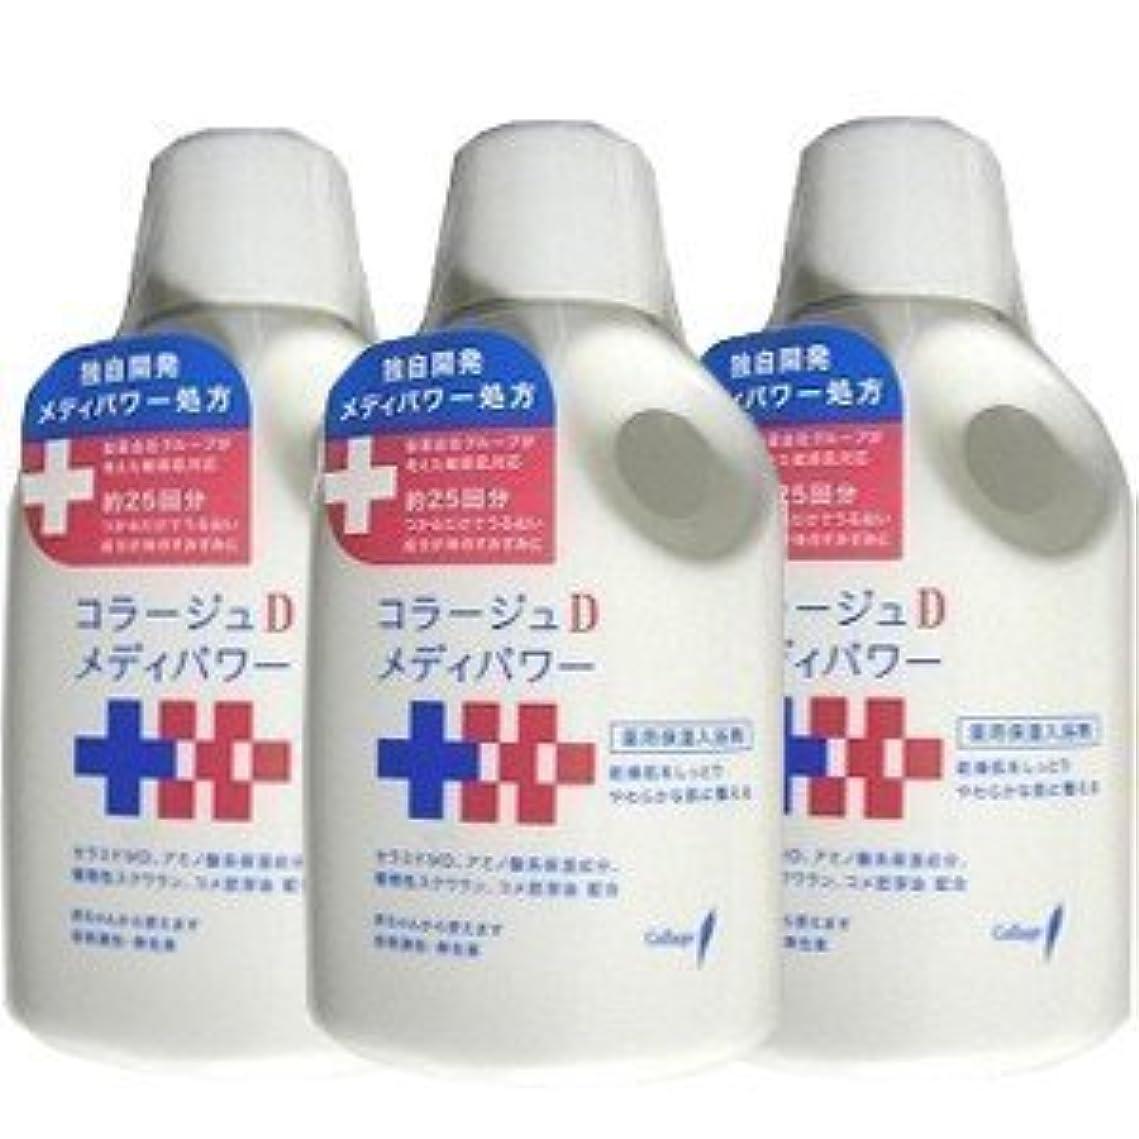 フラスコ麻痺純度【3本】コラージュD メディパワー保湿入浴剤 500mlx3本